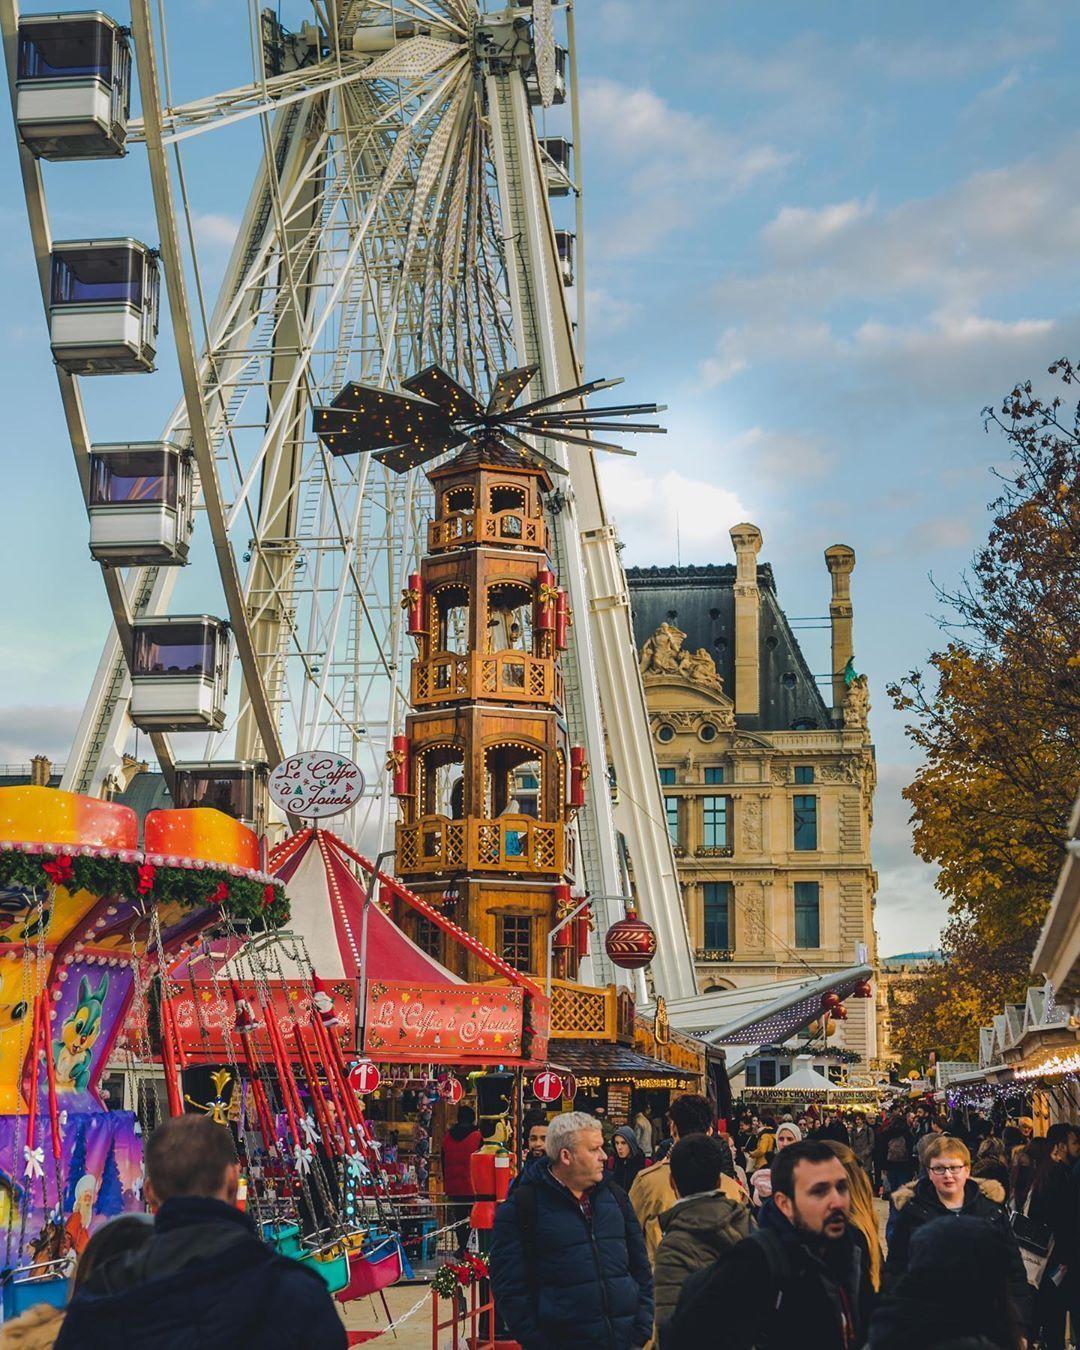 Paris Secret On Instagram Le Marche De Noel Du Jardin Des